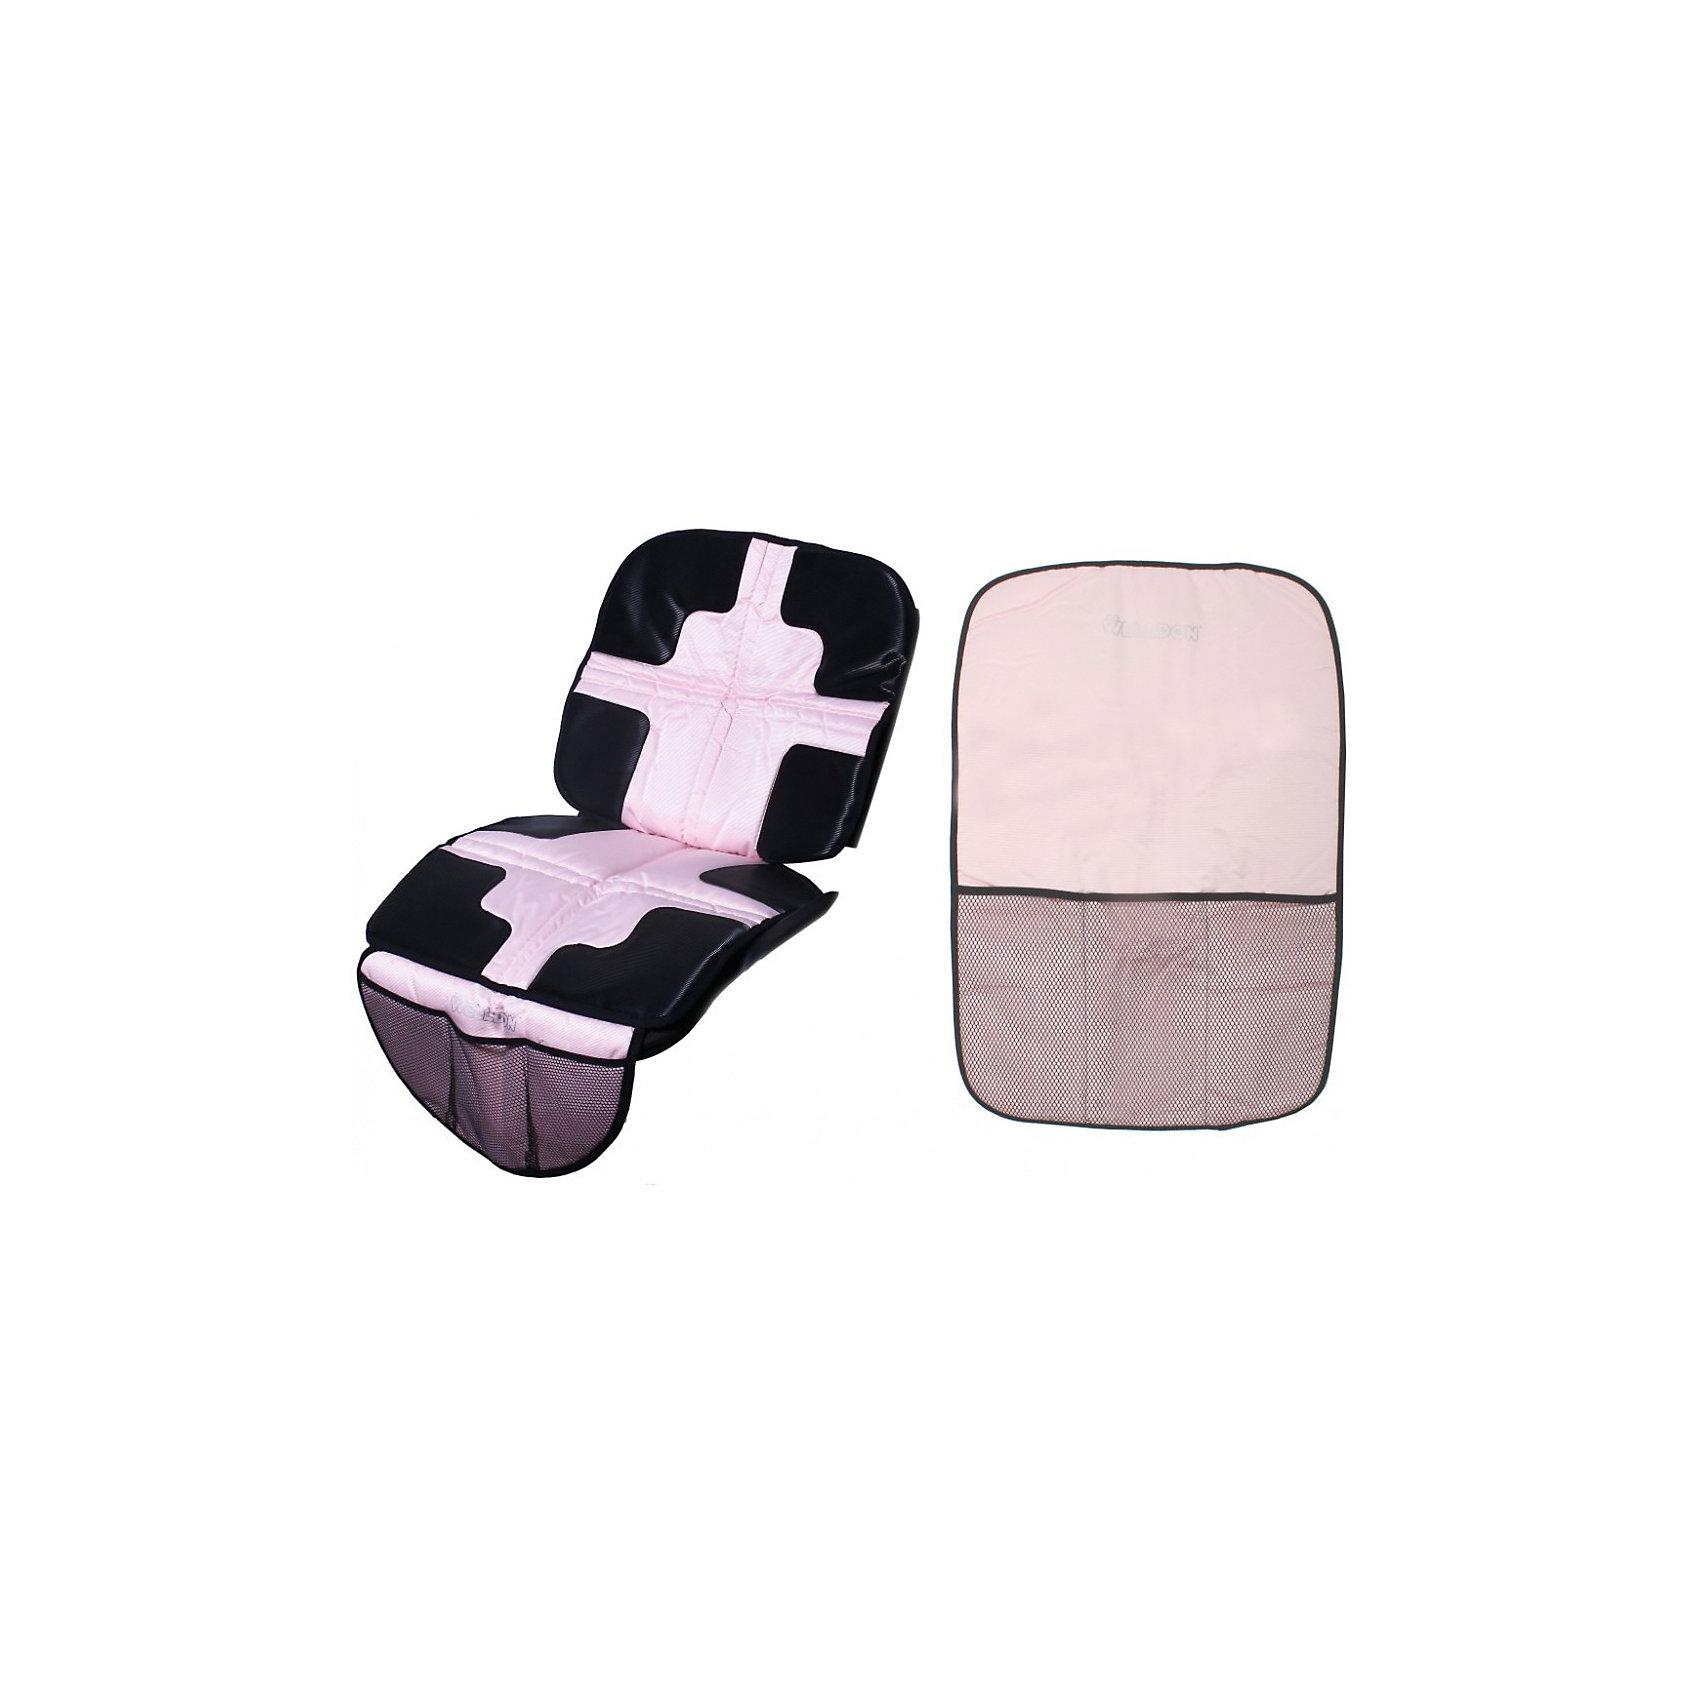 Welldon Набор коврик + органайзер, Welldon, розовый органайзер little tikes органайзер карман для детских принадлежностей seat pal серый